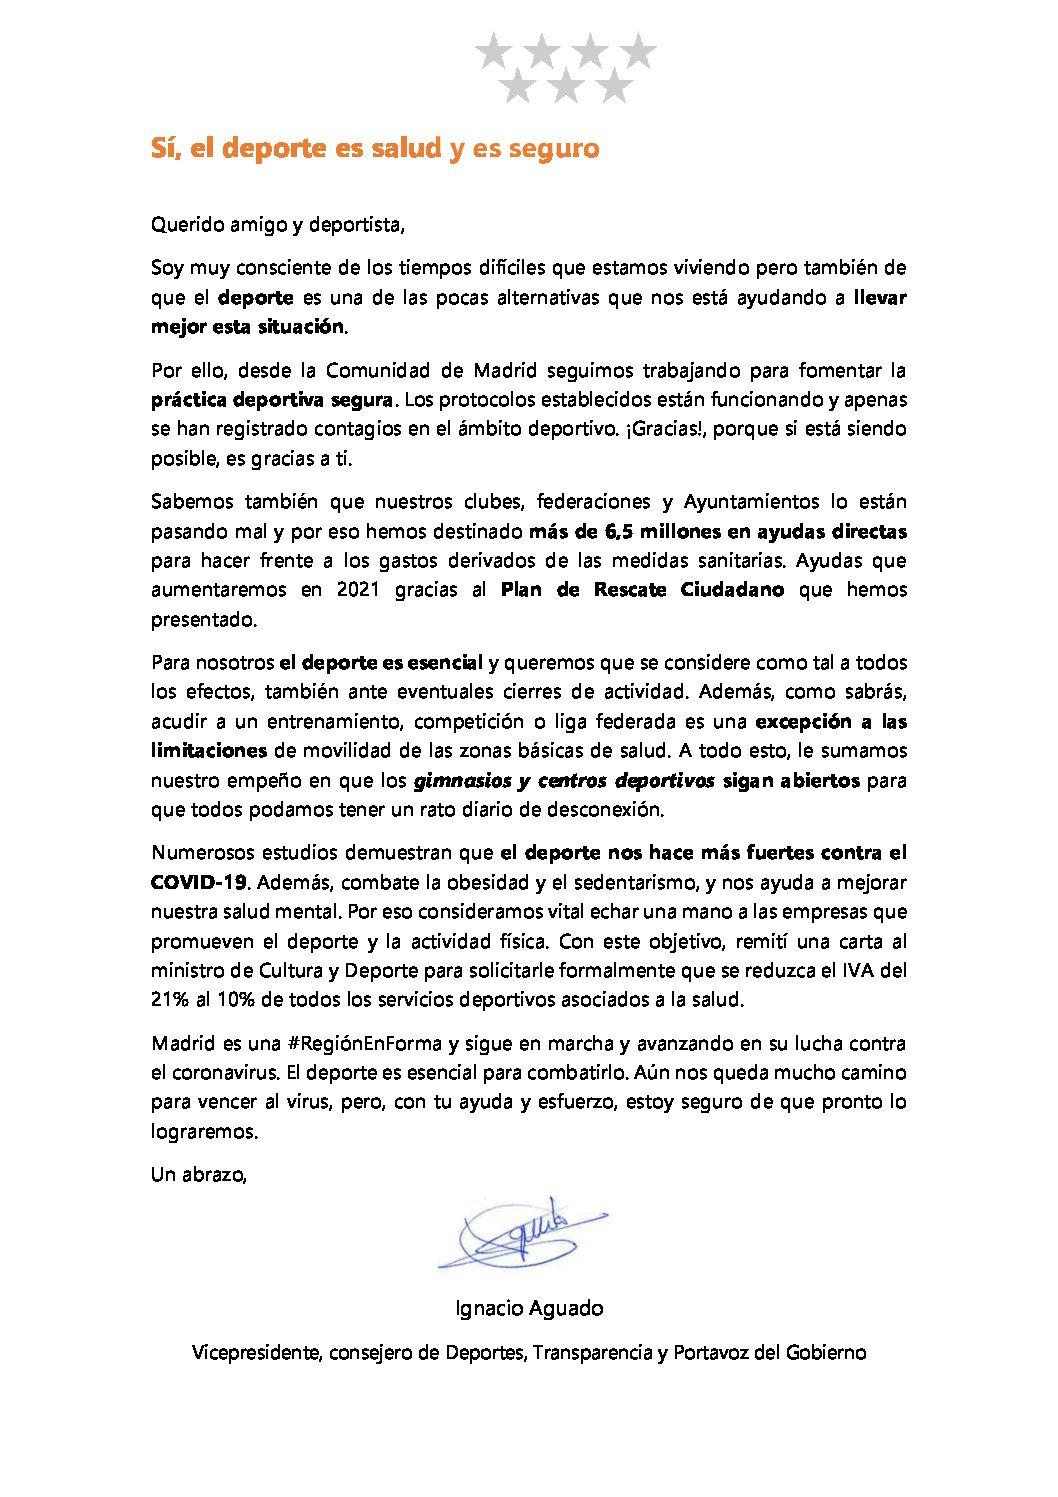 Sí, el deporte es salud y es seguro. Carta del vicepresidente de Madrid Ignacio Agudo.